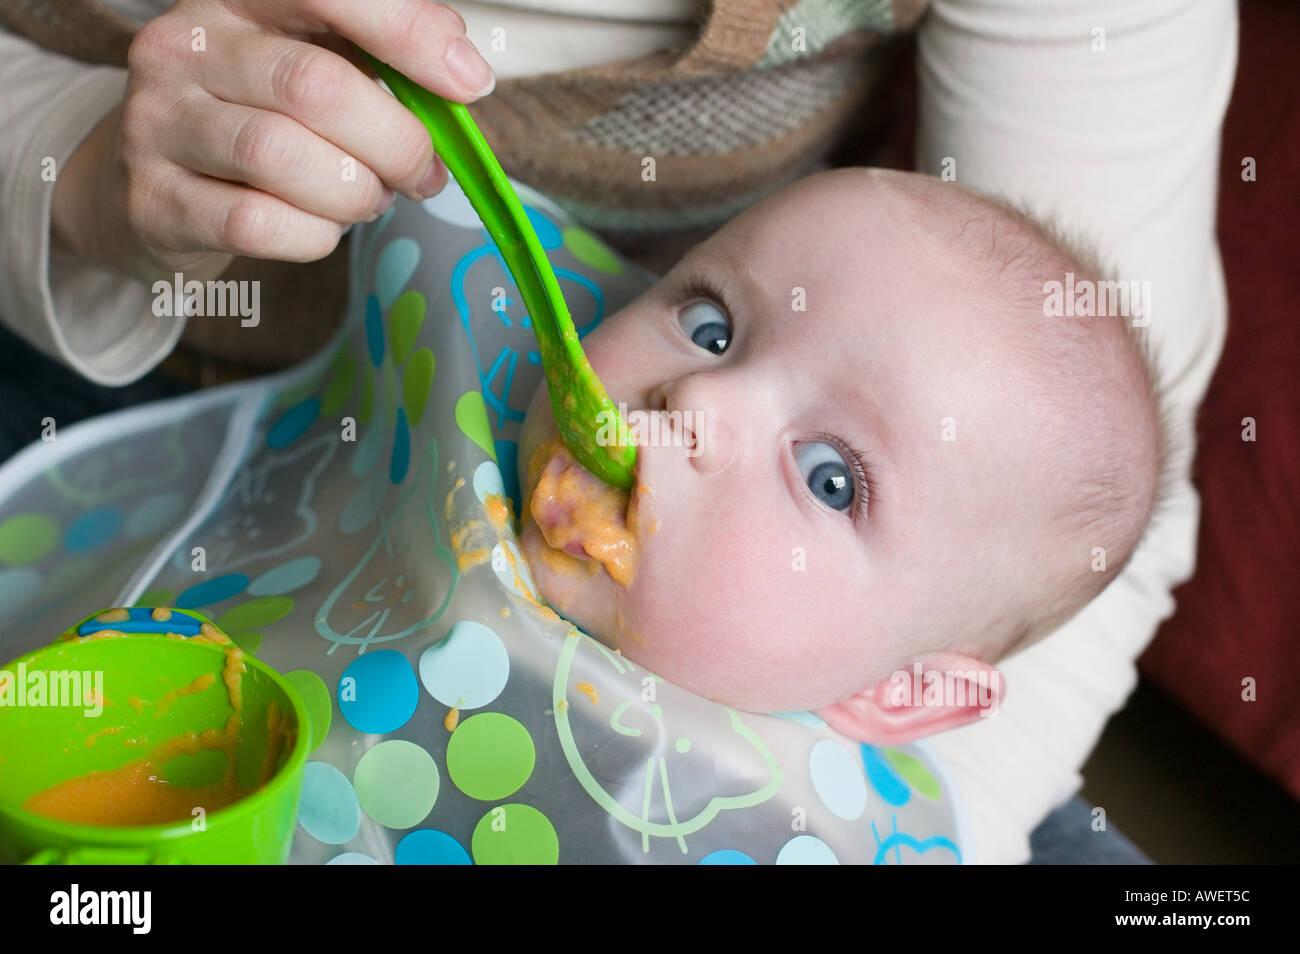 Un ffive mois bébé garçon essaie de la nourriture solide pour la première fois Photo Stock